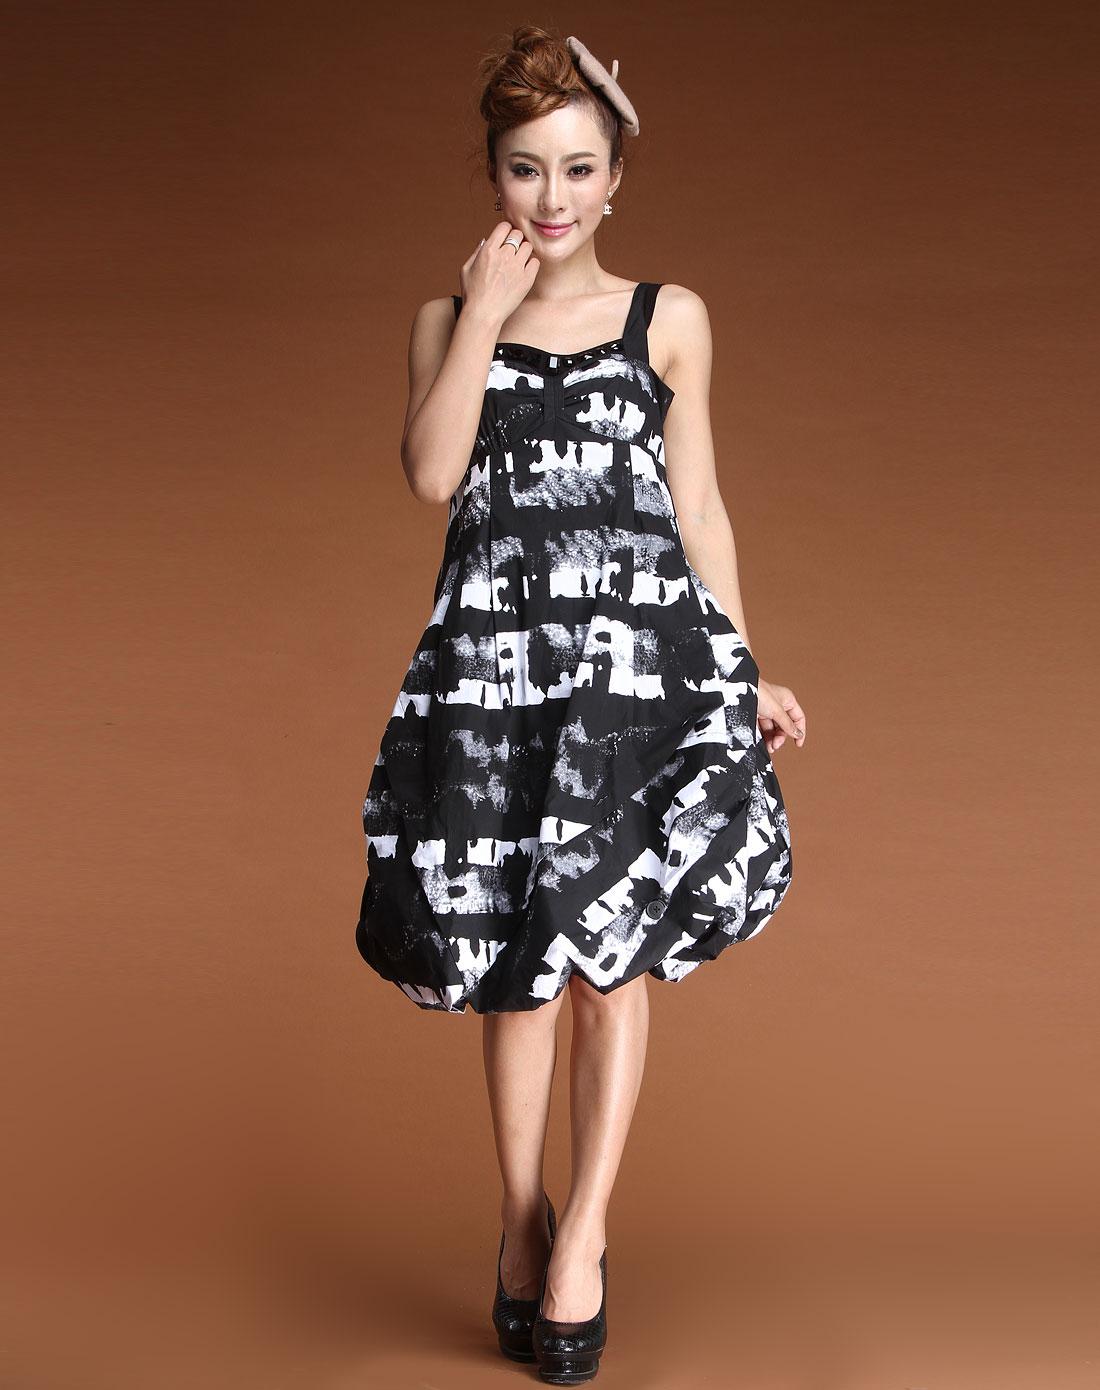 黑色时尚花纹吊带灯笼连衣裙